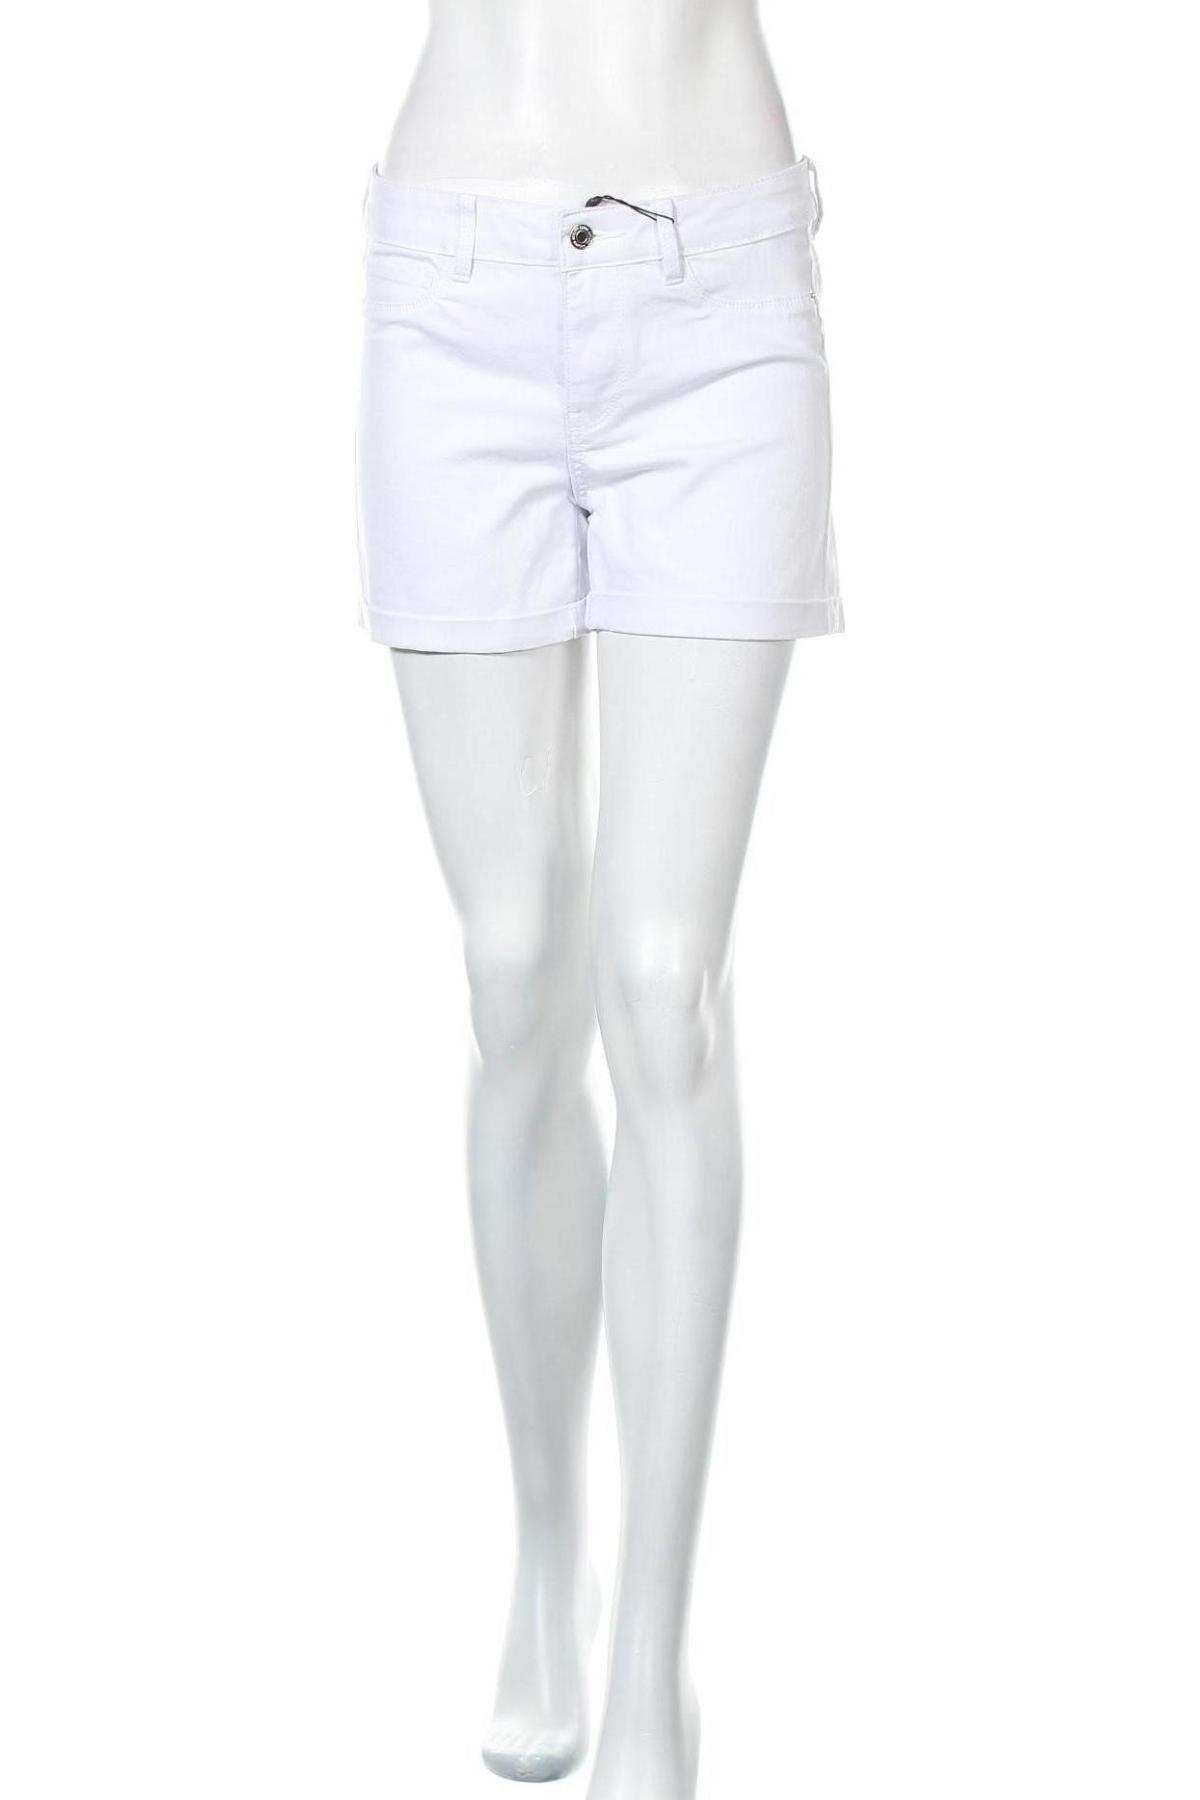 Pantaloni scurți de femei Vero Moda, Mărime M, Culoare Alb, 63% bumbac, 35% poliester, 2% elastan, Preț 34,48 Lei